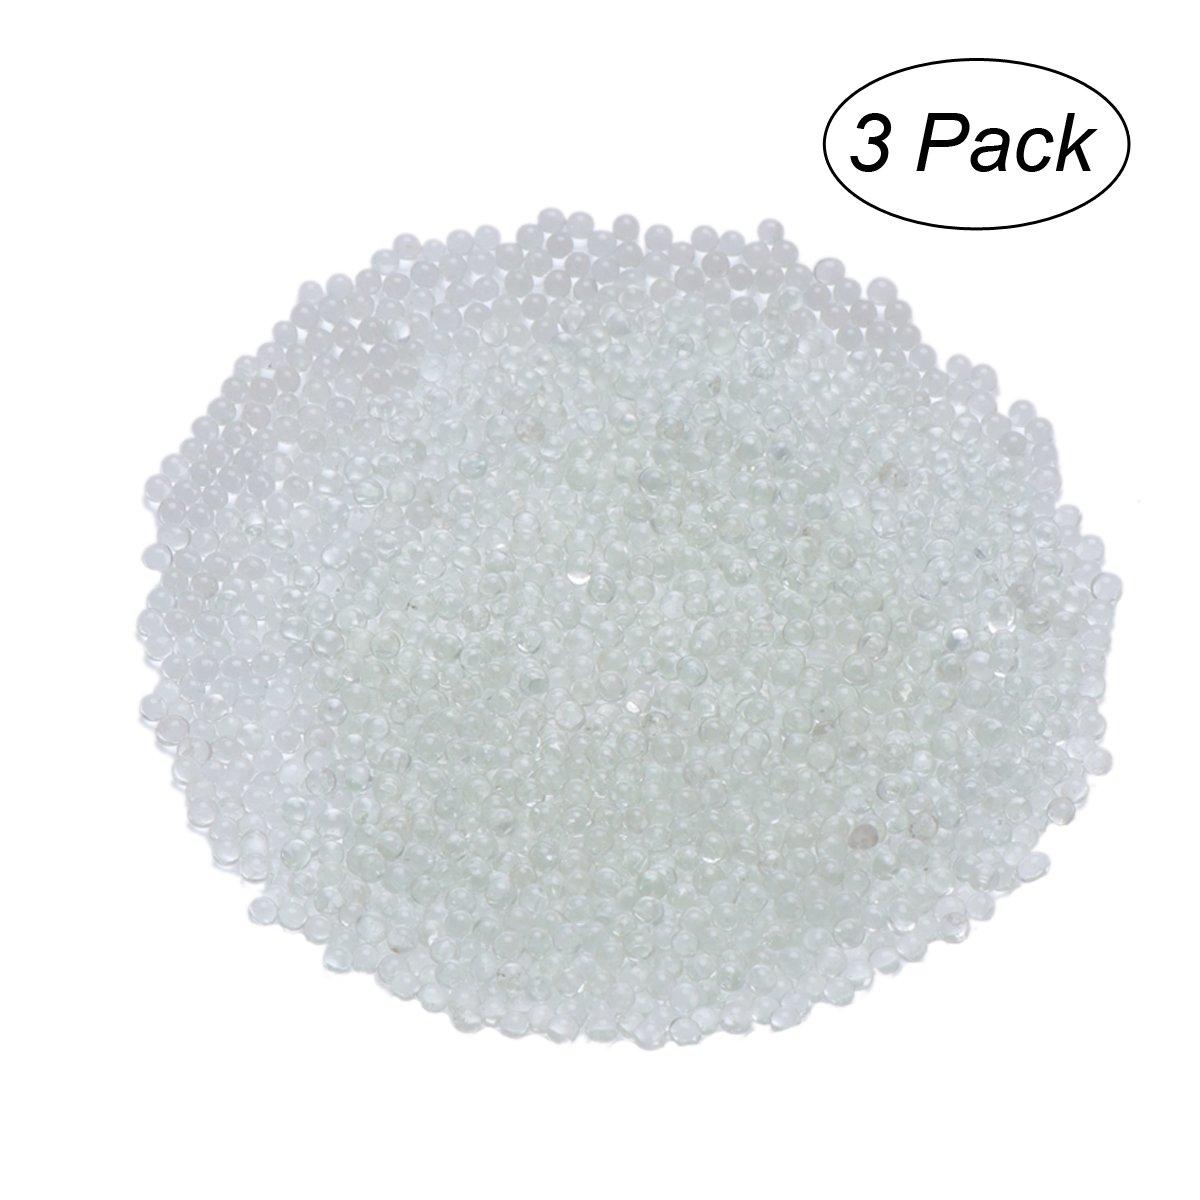 ROSENICE Fishbowl Beads Jarrón Relleno Perlas para Crunchy Slime Decorativo Del Grano Artes Artesanía DIY Suministros 3PCS: Amazon.es: Hogar